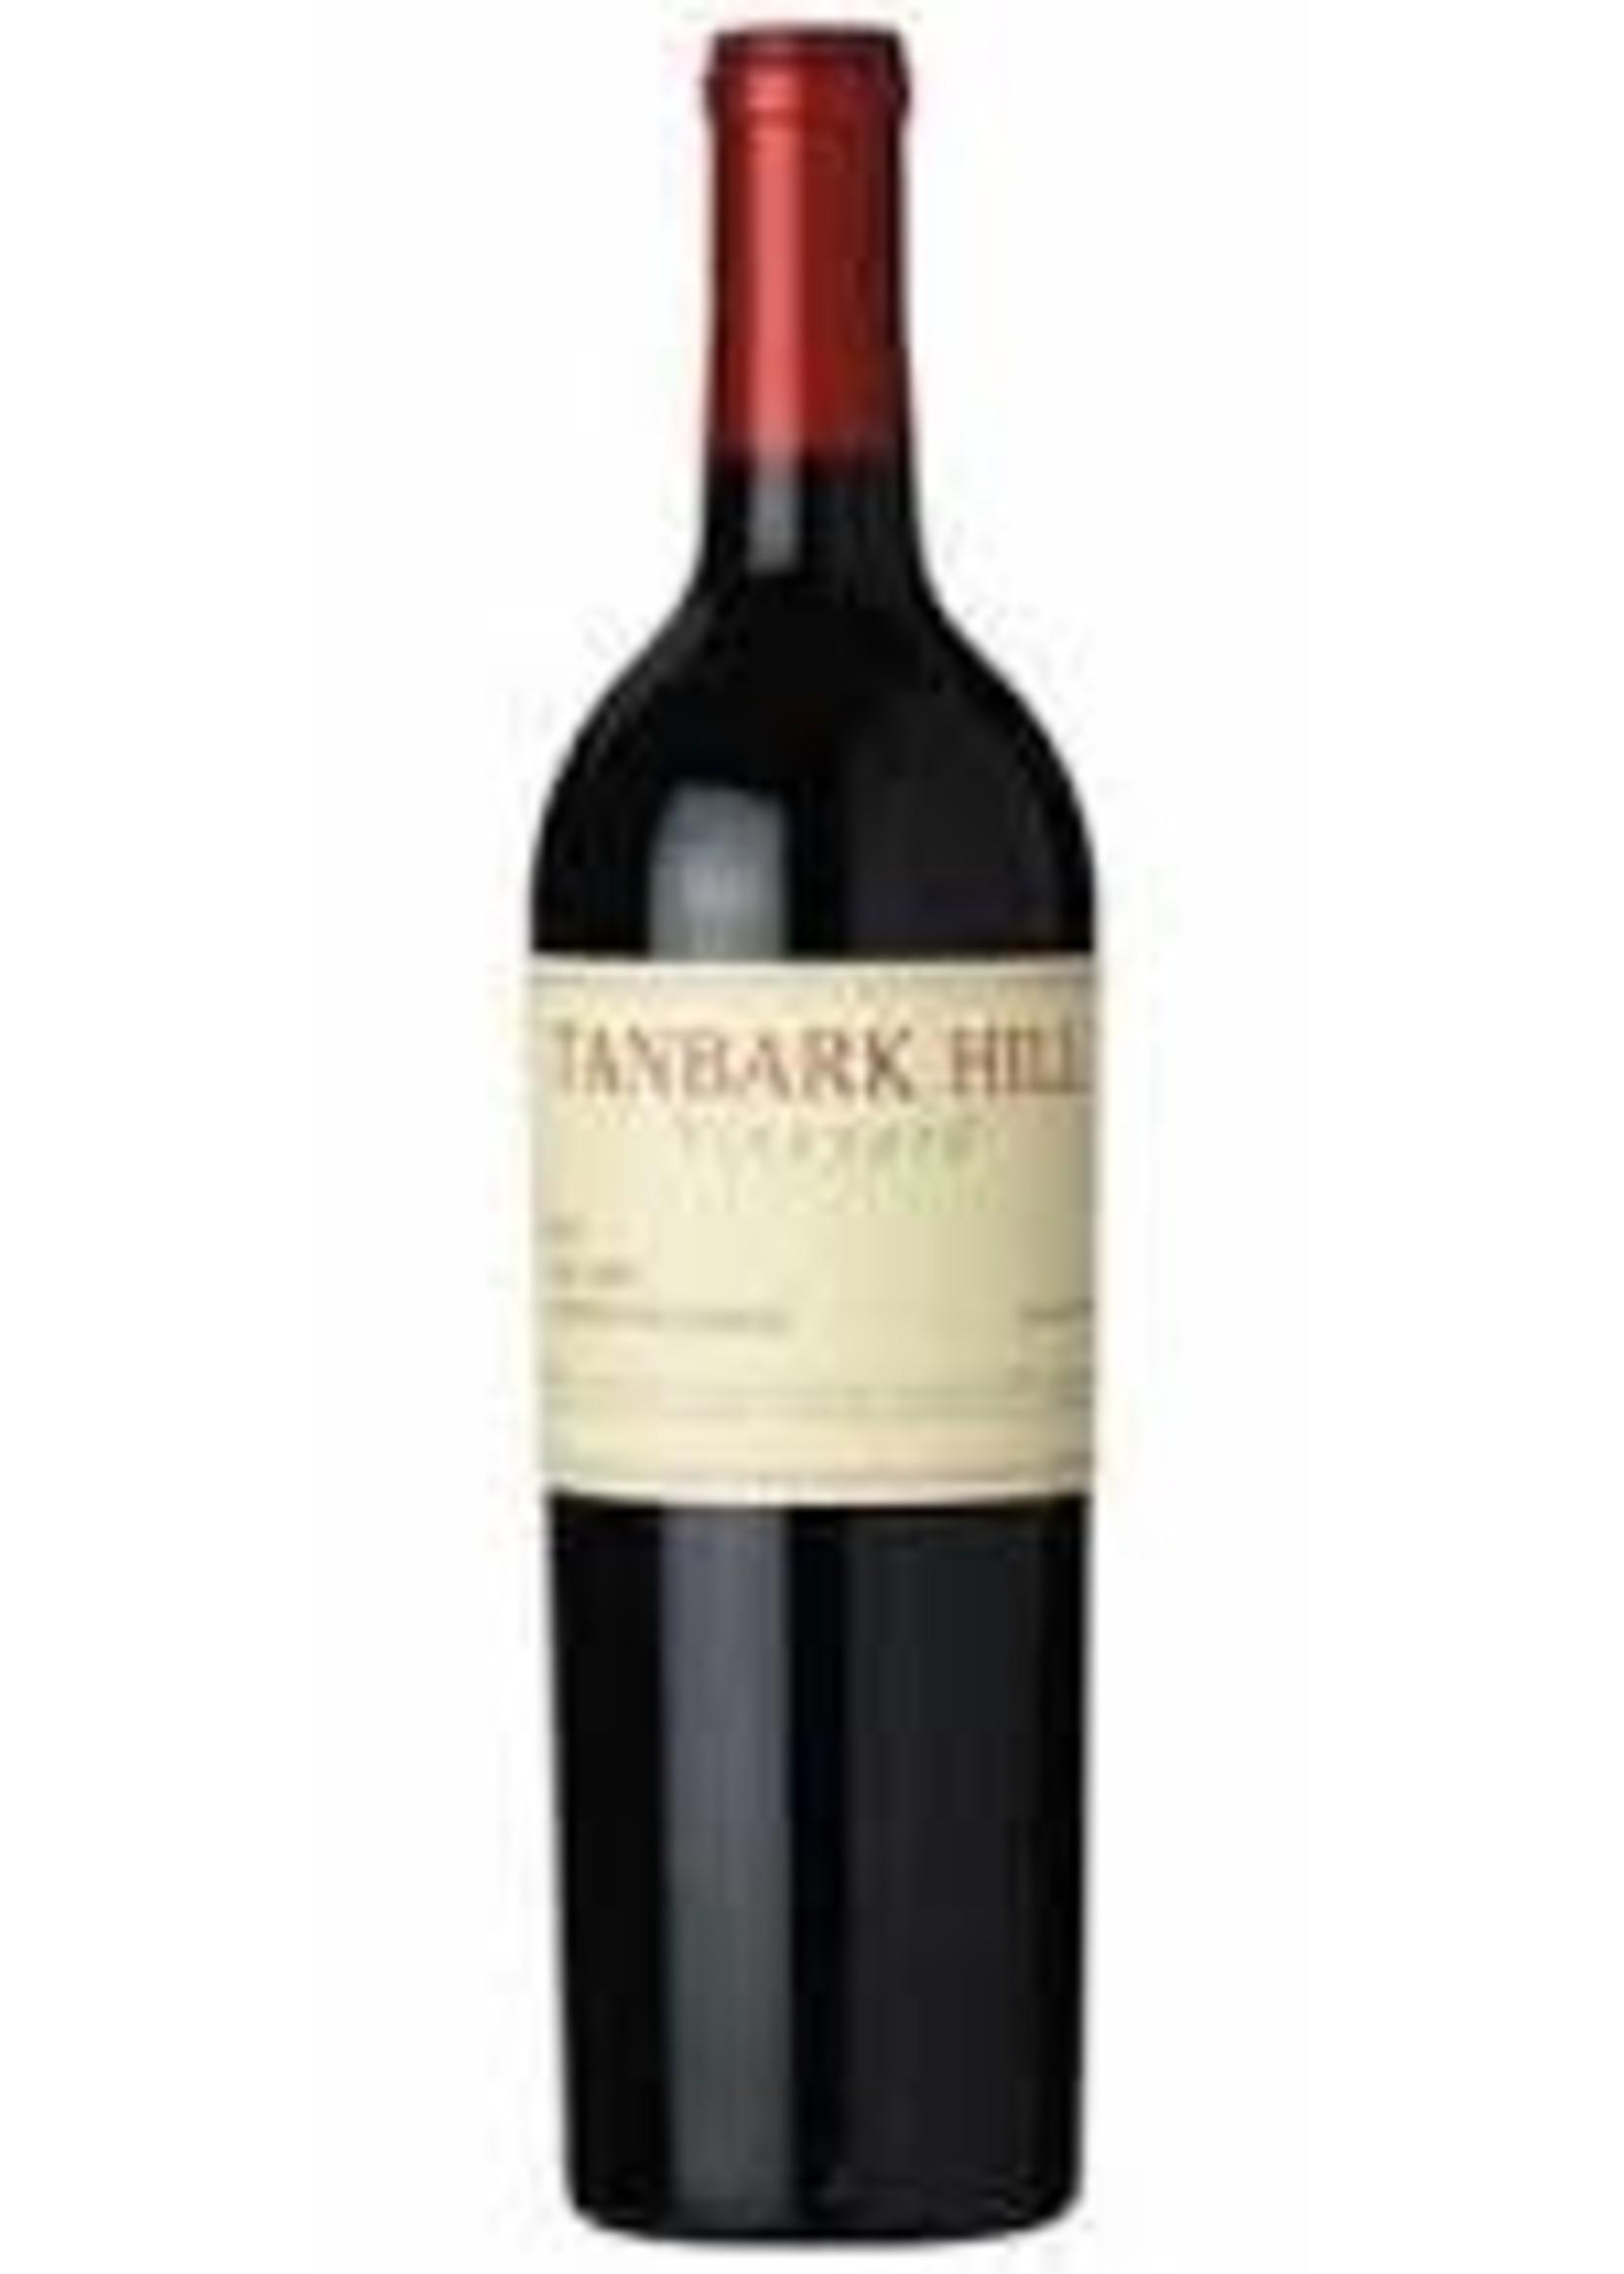 Philip Togni 2017 Cabernet Sauvignon Tanbark Hill Napa 750ml